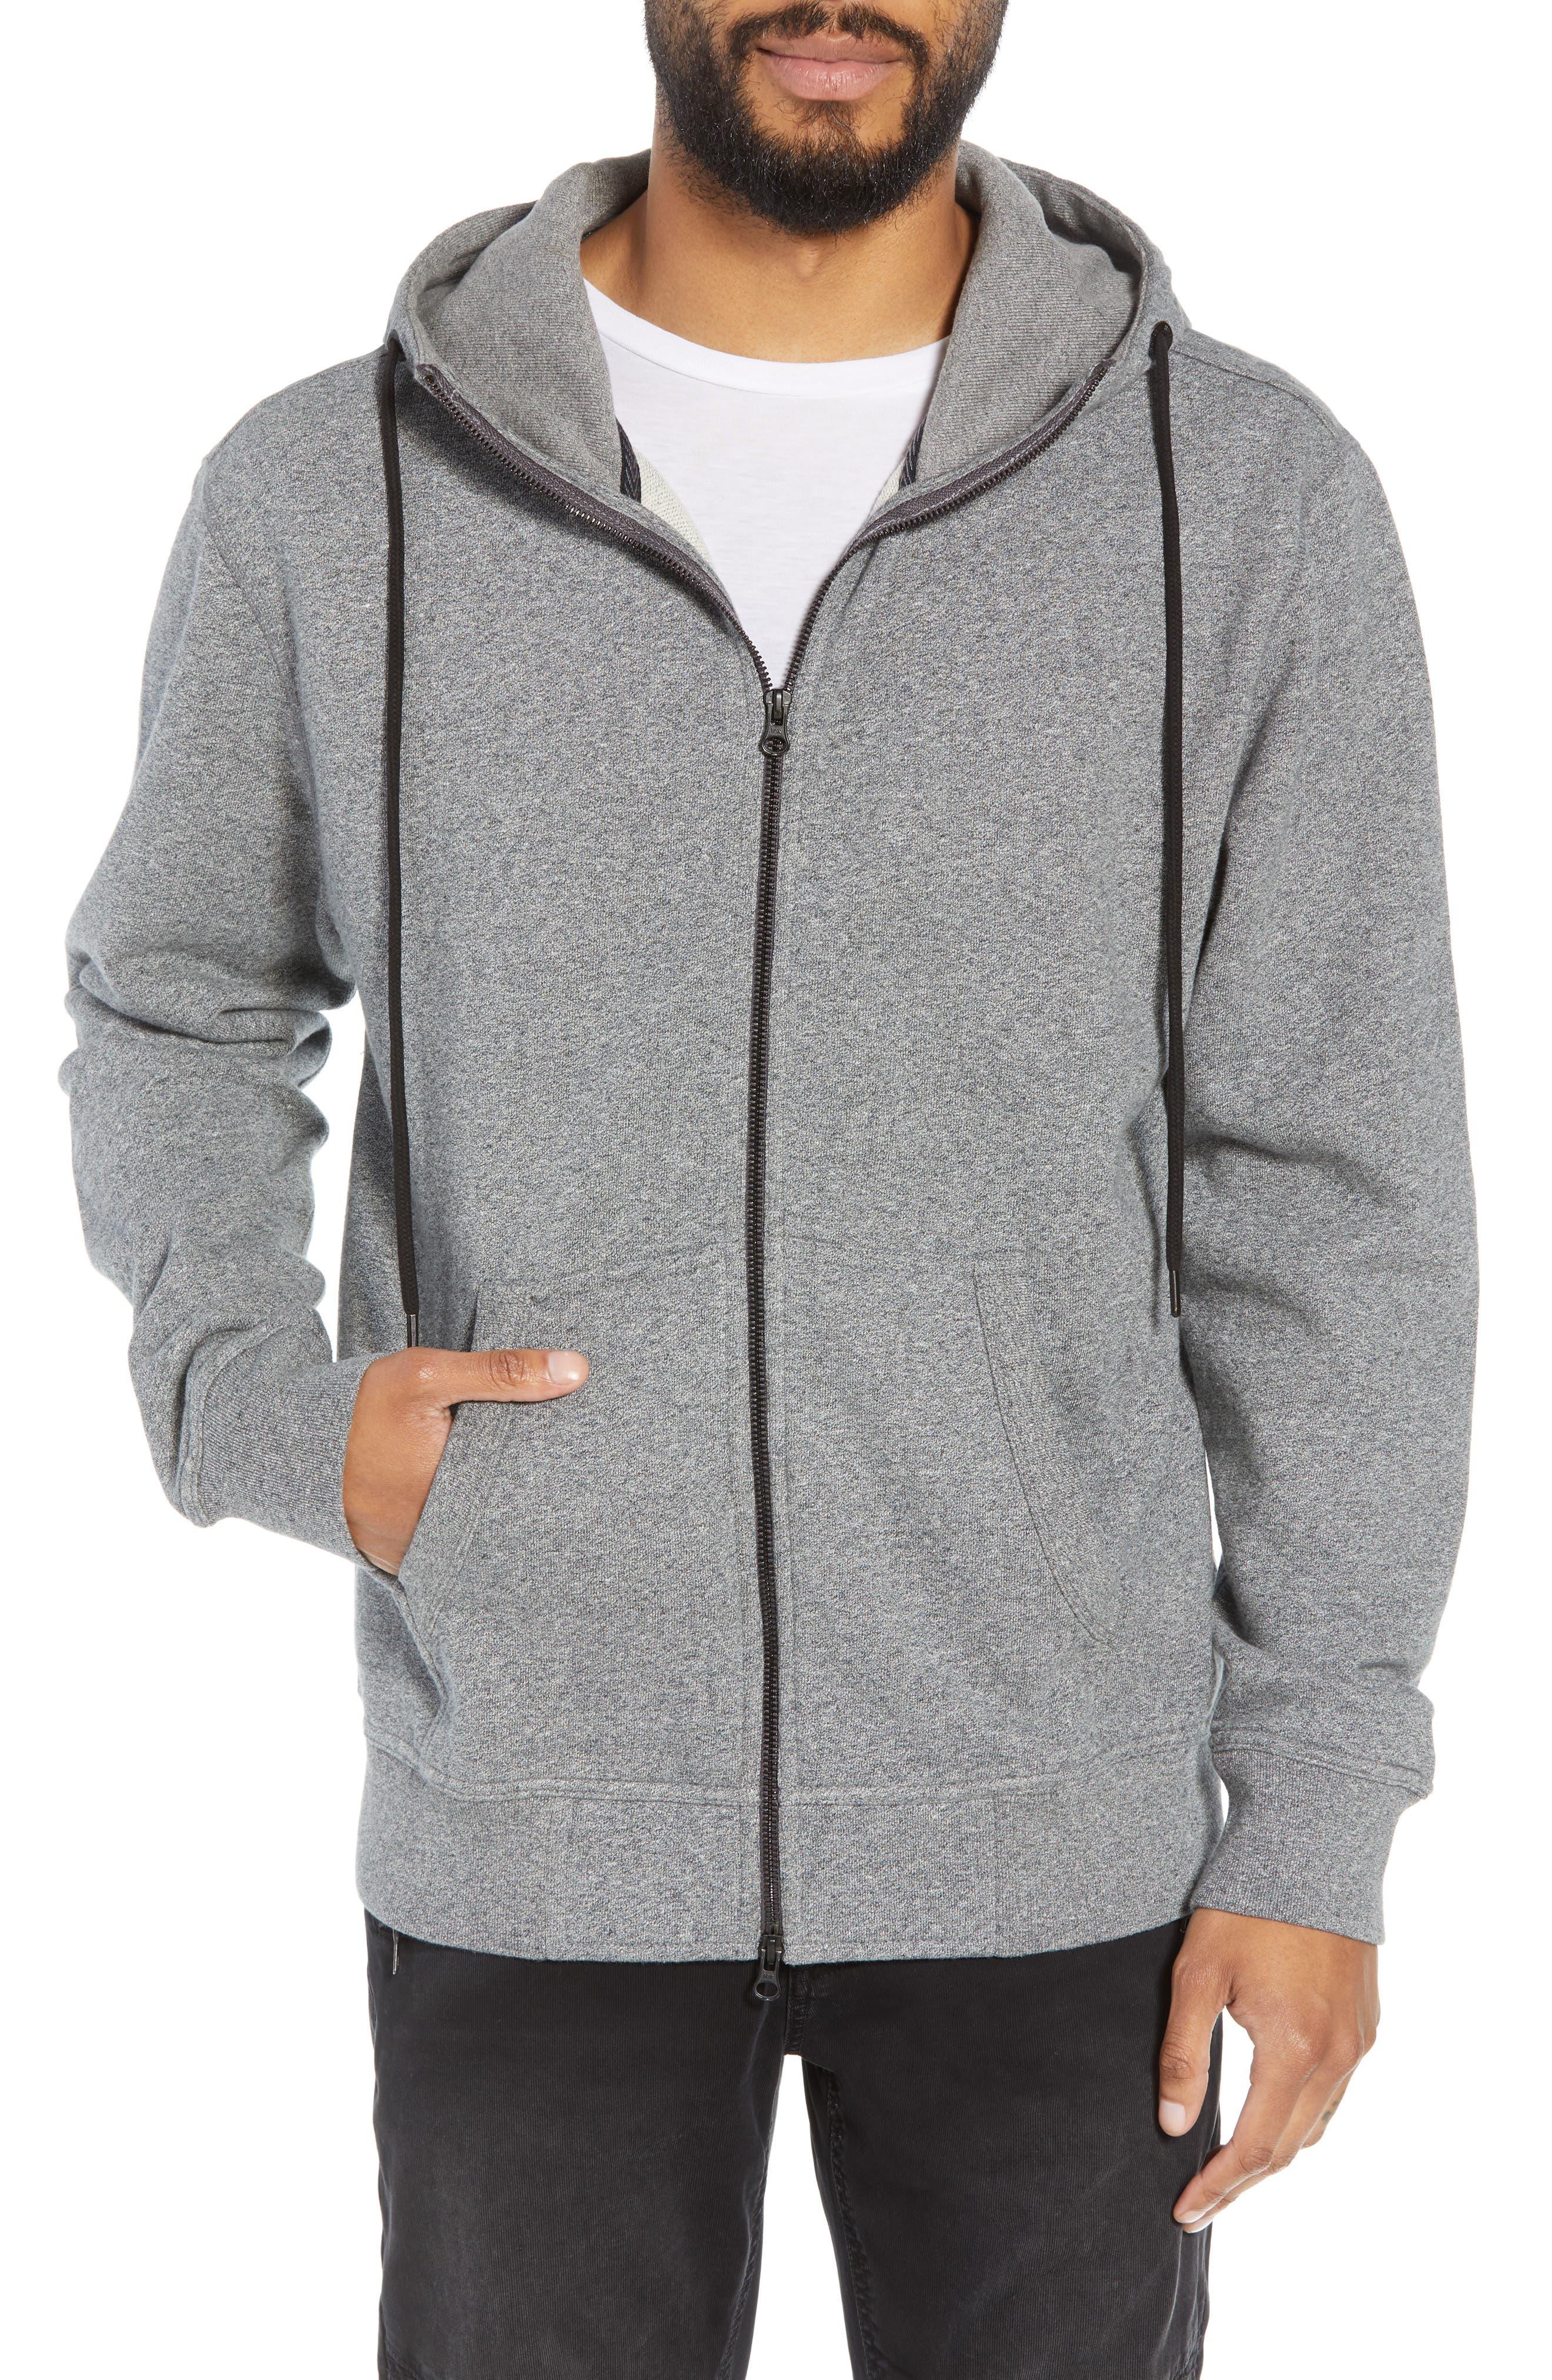 Regular Fit Hooded Zip Sweatshirt,                         Main,                         color, HEATHER GREY